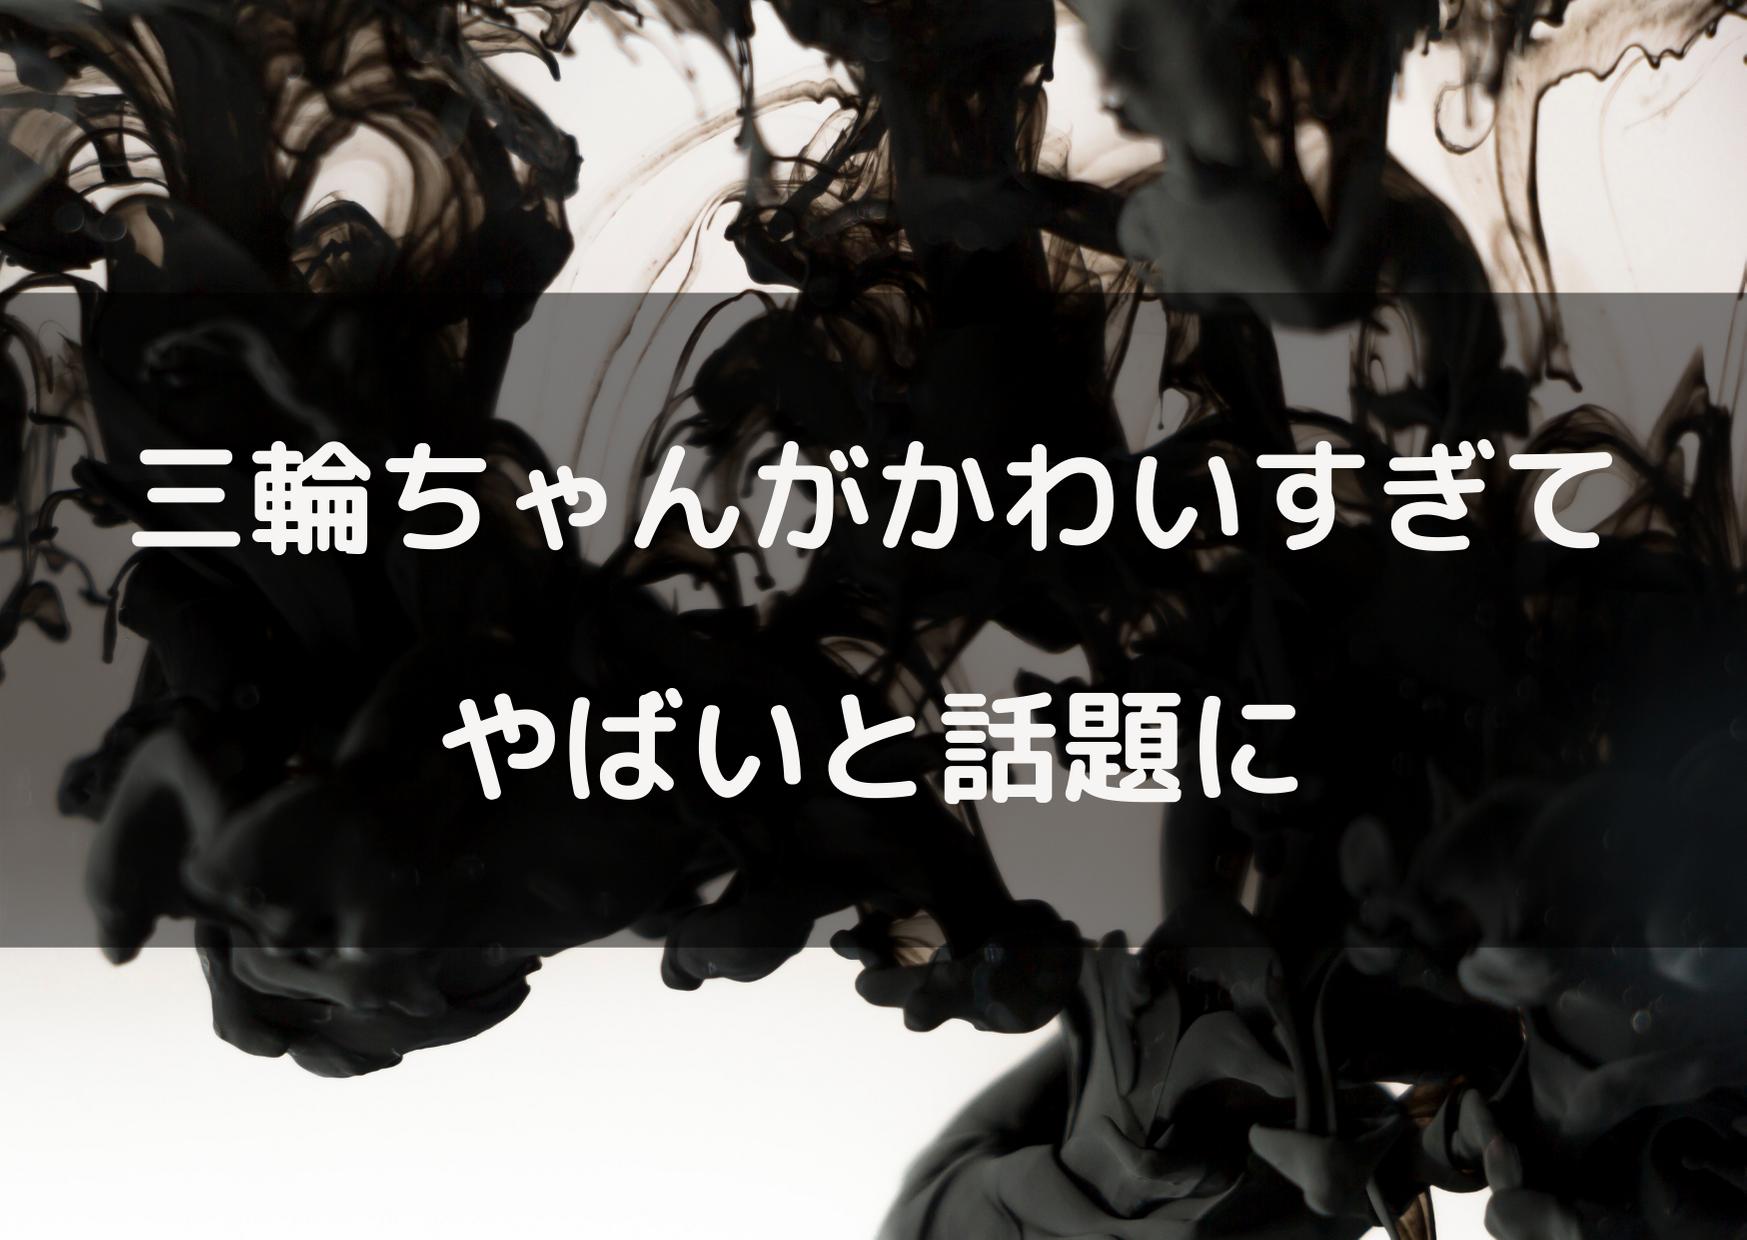 呪術廻戦 三輪ちゃん かわいい